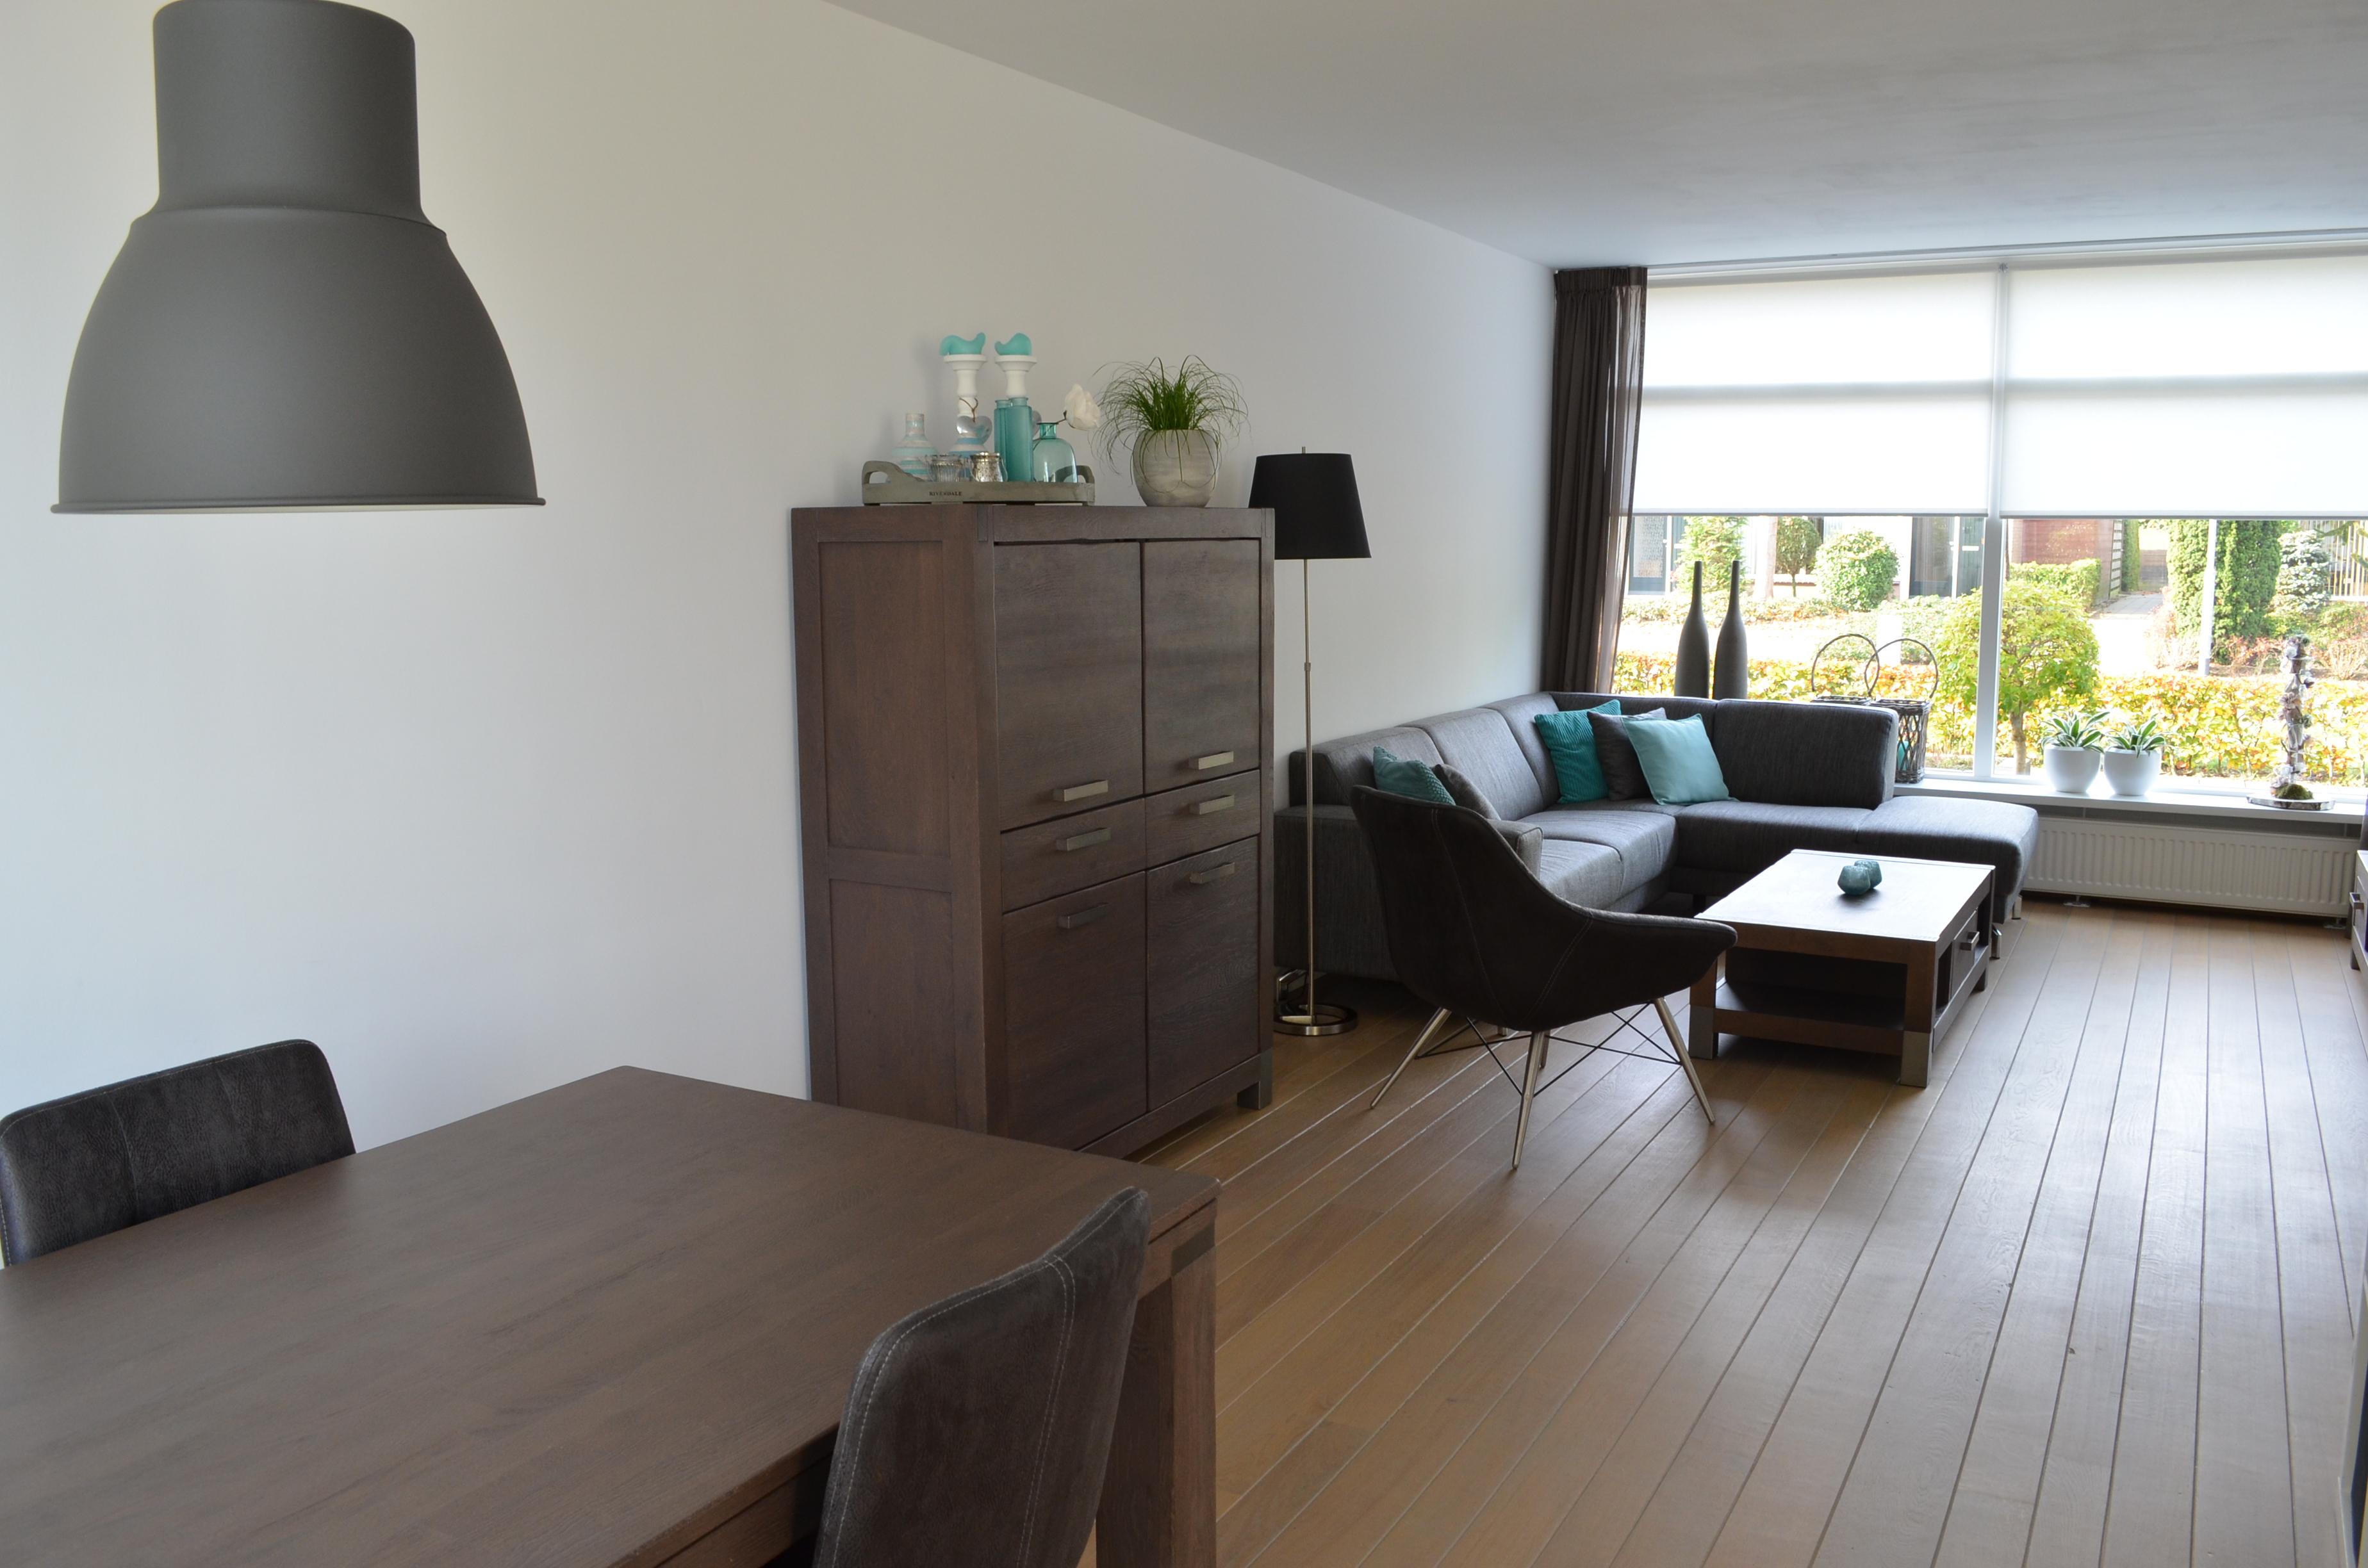 Renovatie woonkamer - Afbouw- en klussenbedrijf Siero